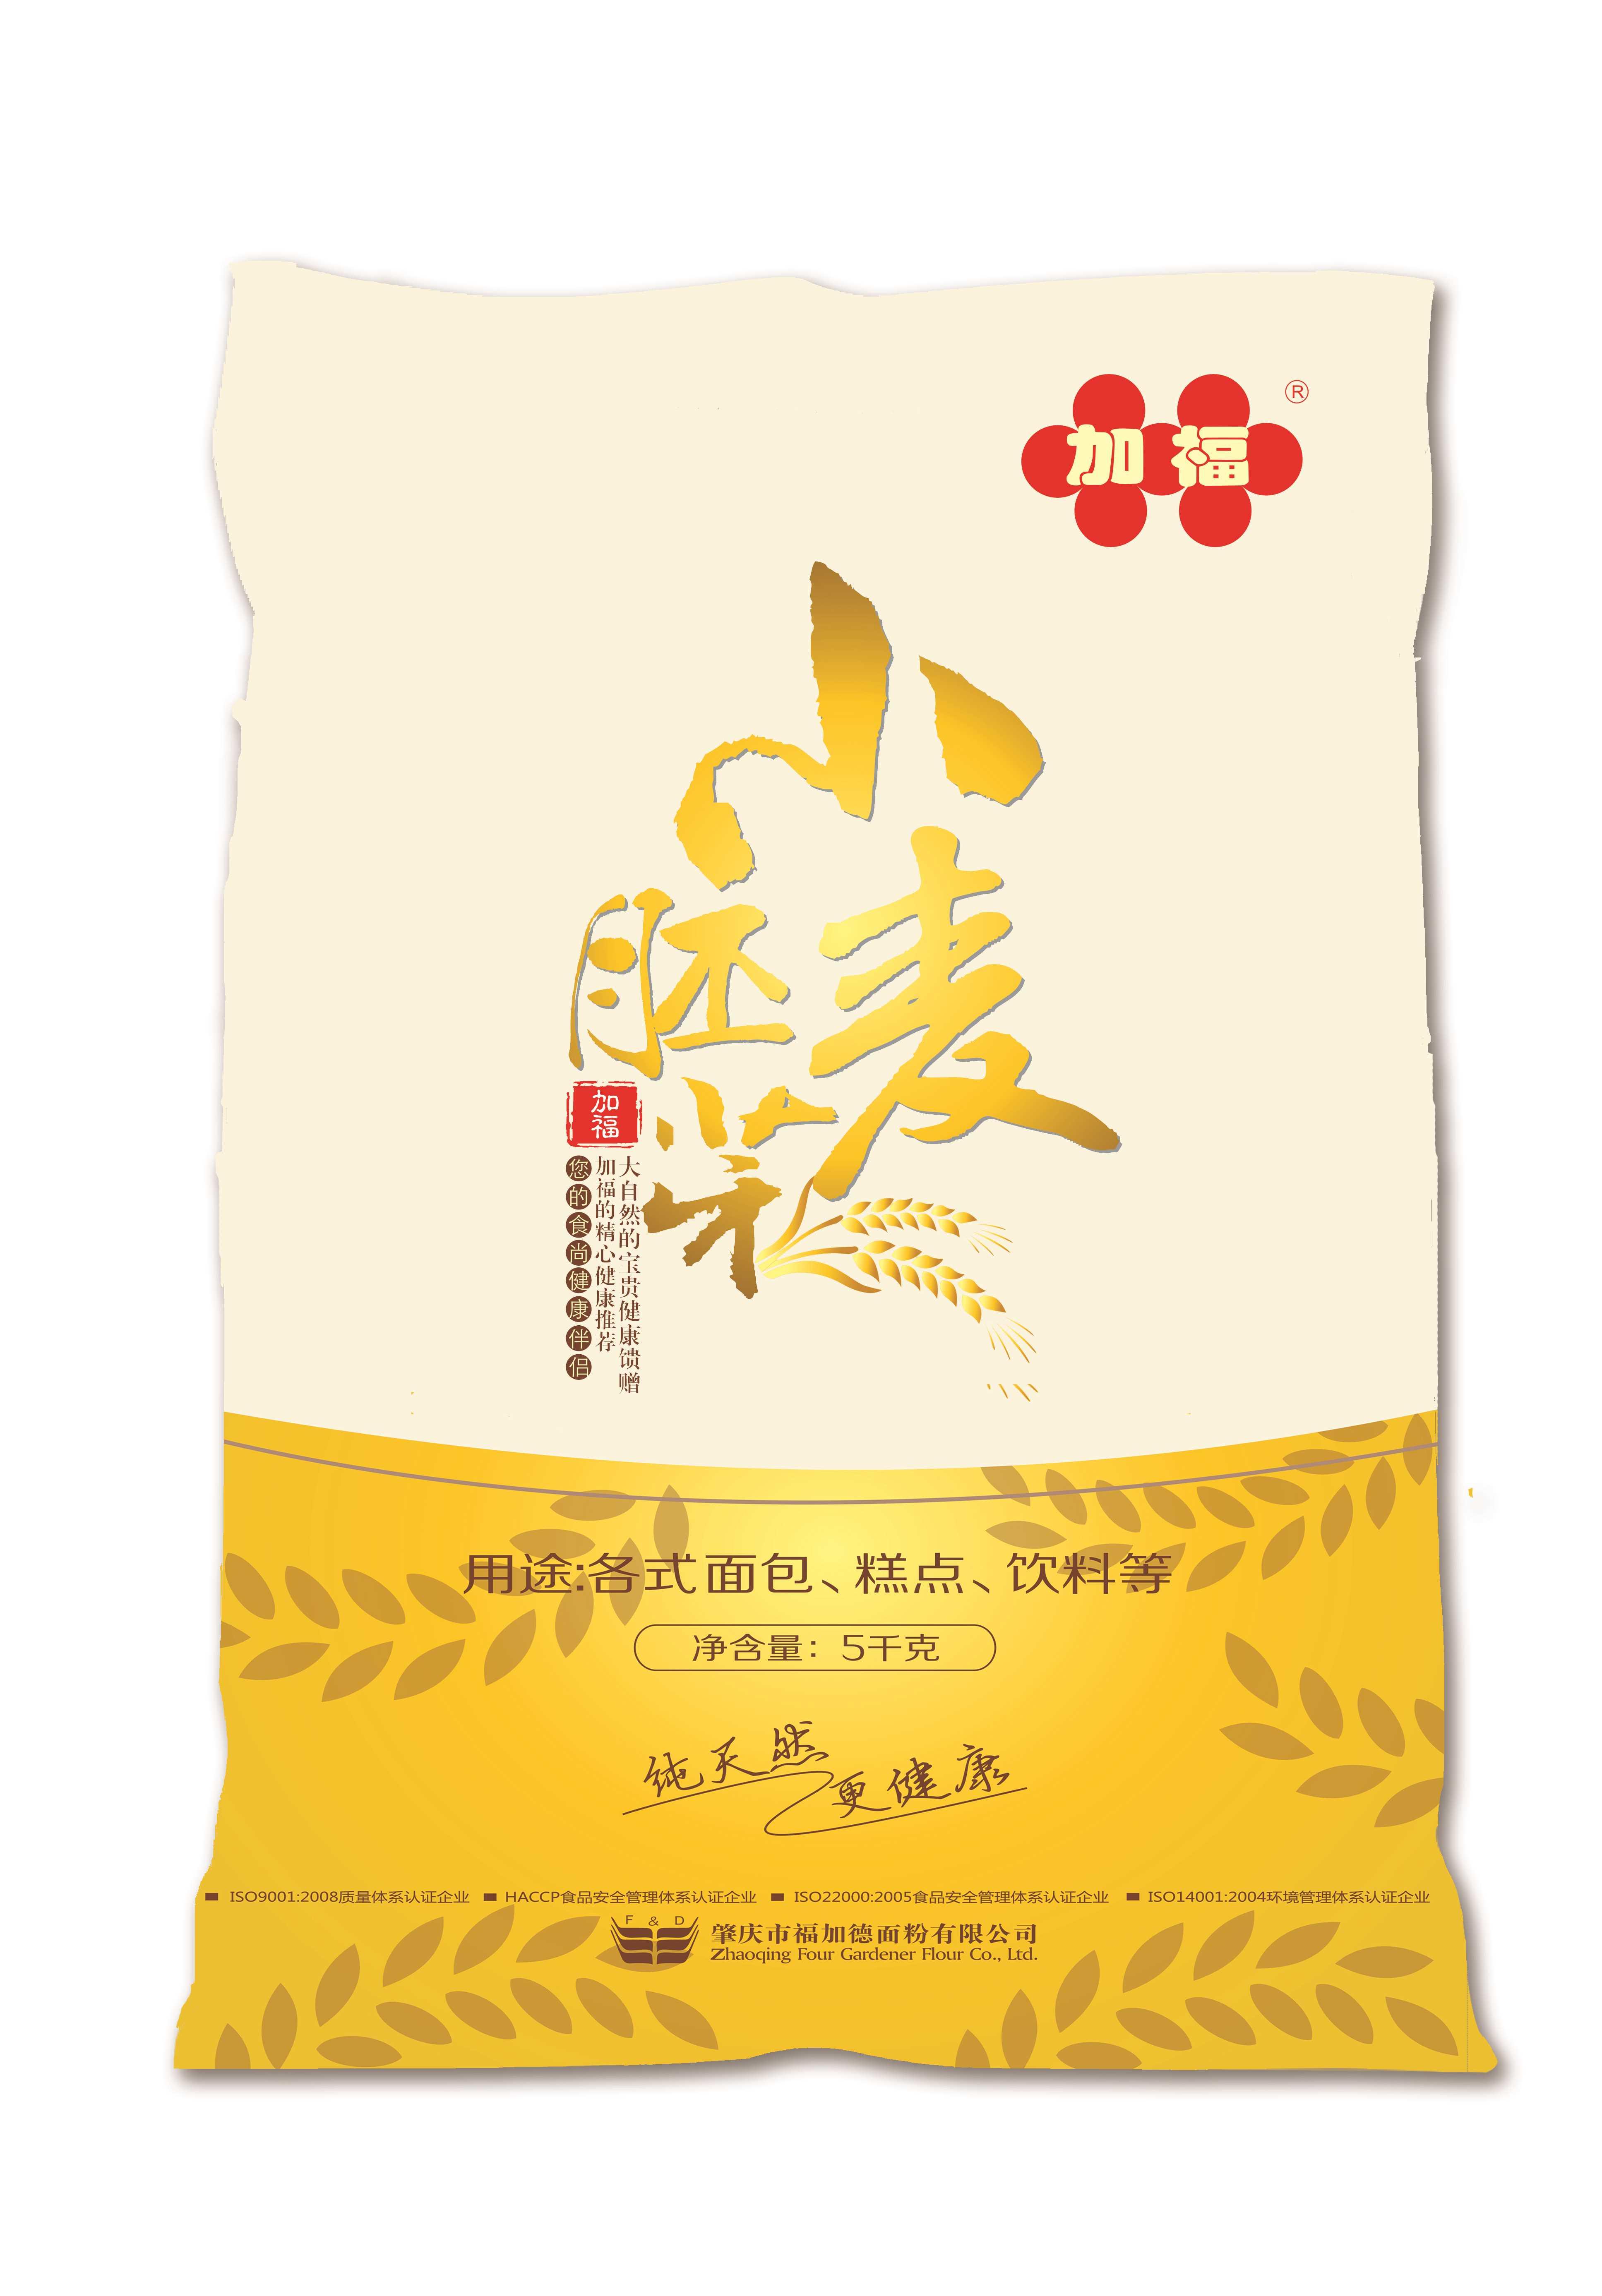 13-加福牌小麥胚芽5kg包裝正面效果